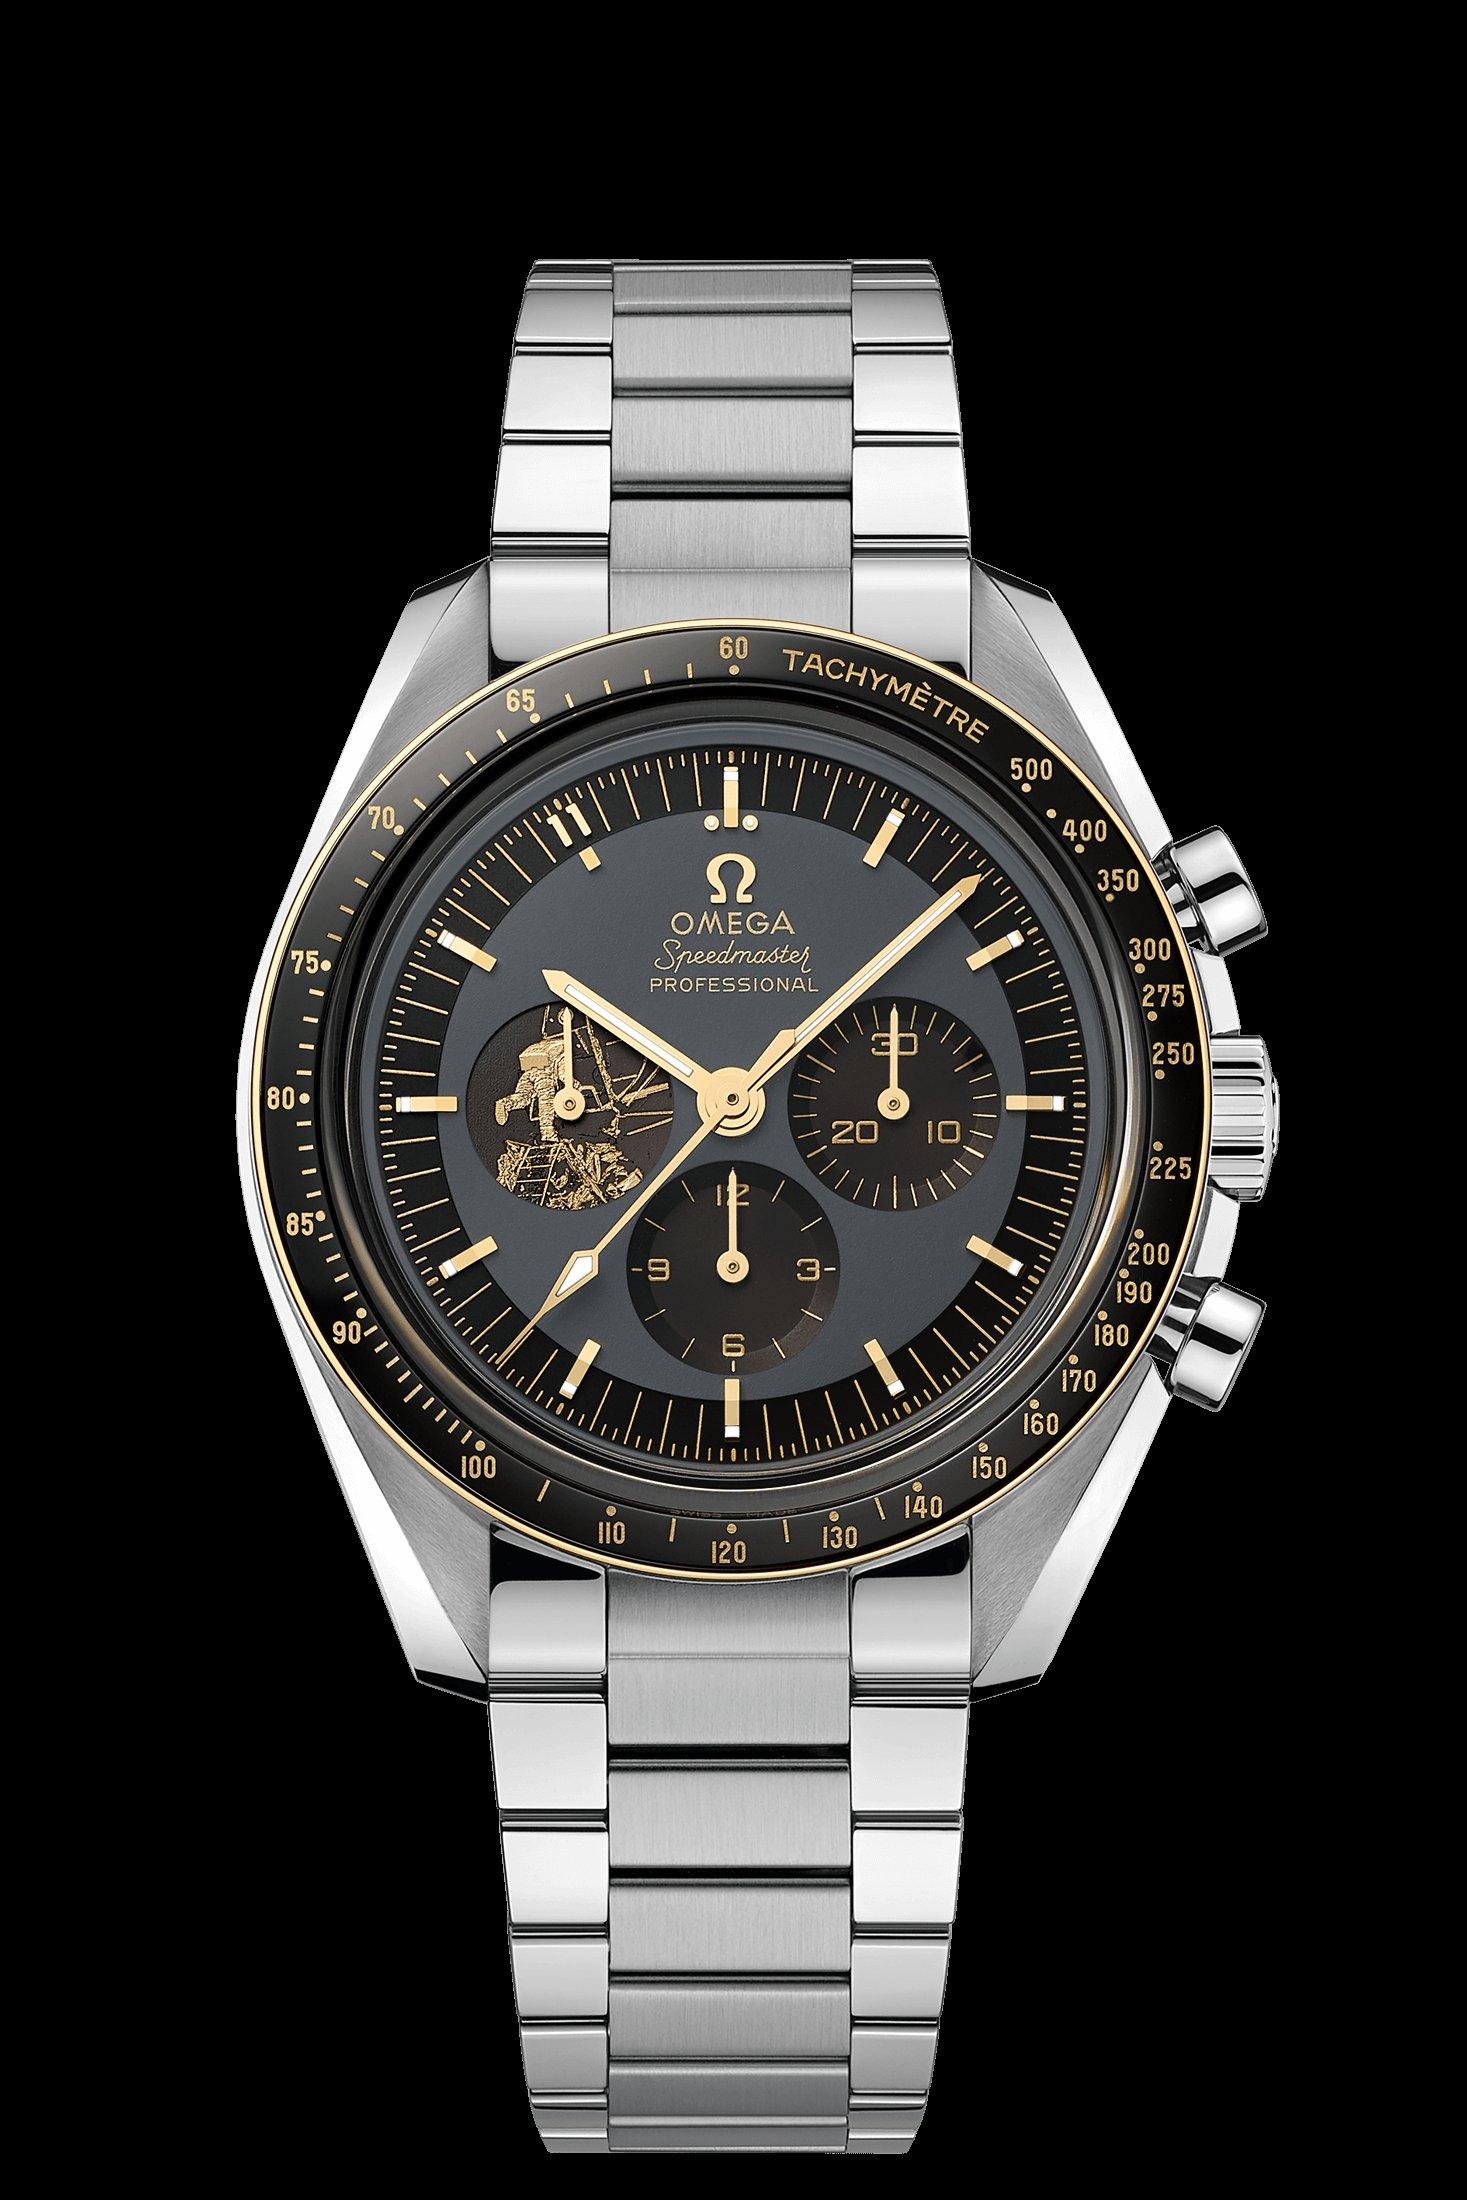 光華.瘋代購 [預購] 歐米茄 Omega Speedmaster 超霸登月 阿波羅11號50週年紀念腕錶 42mm